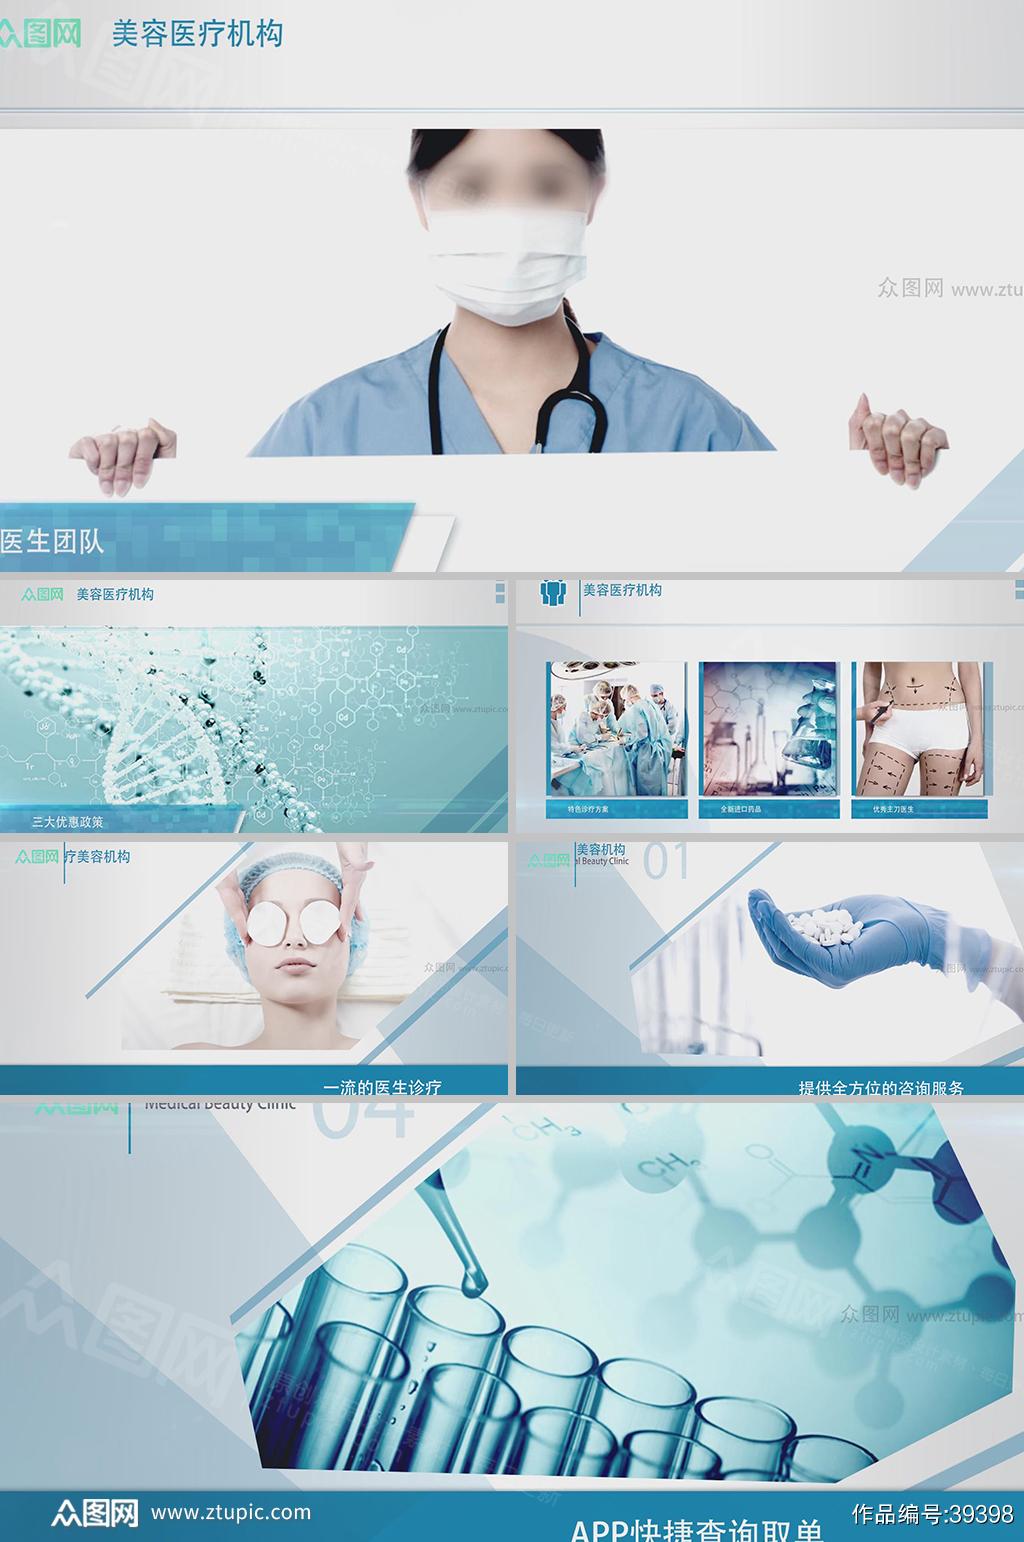 蓝色简约风医疗美容宣传视频模板素材